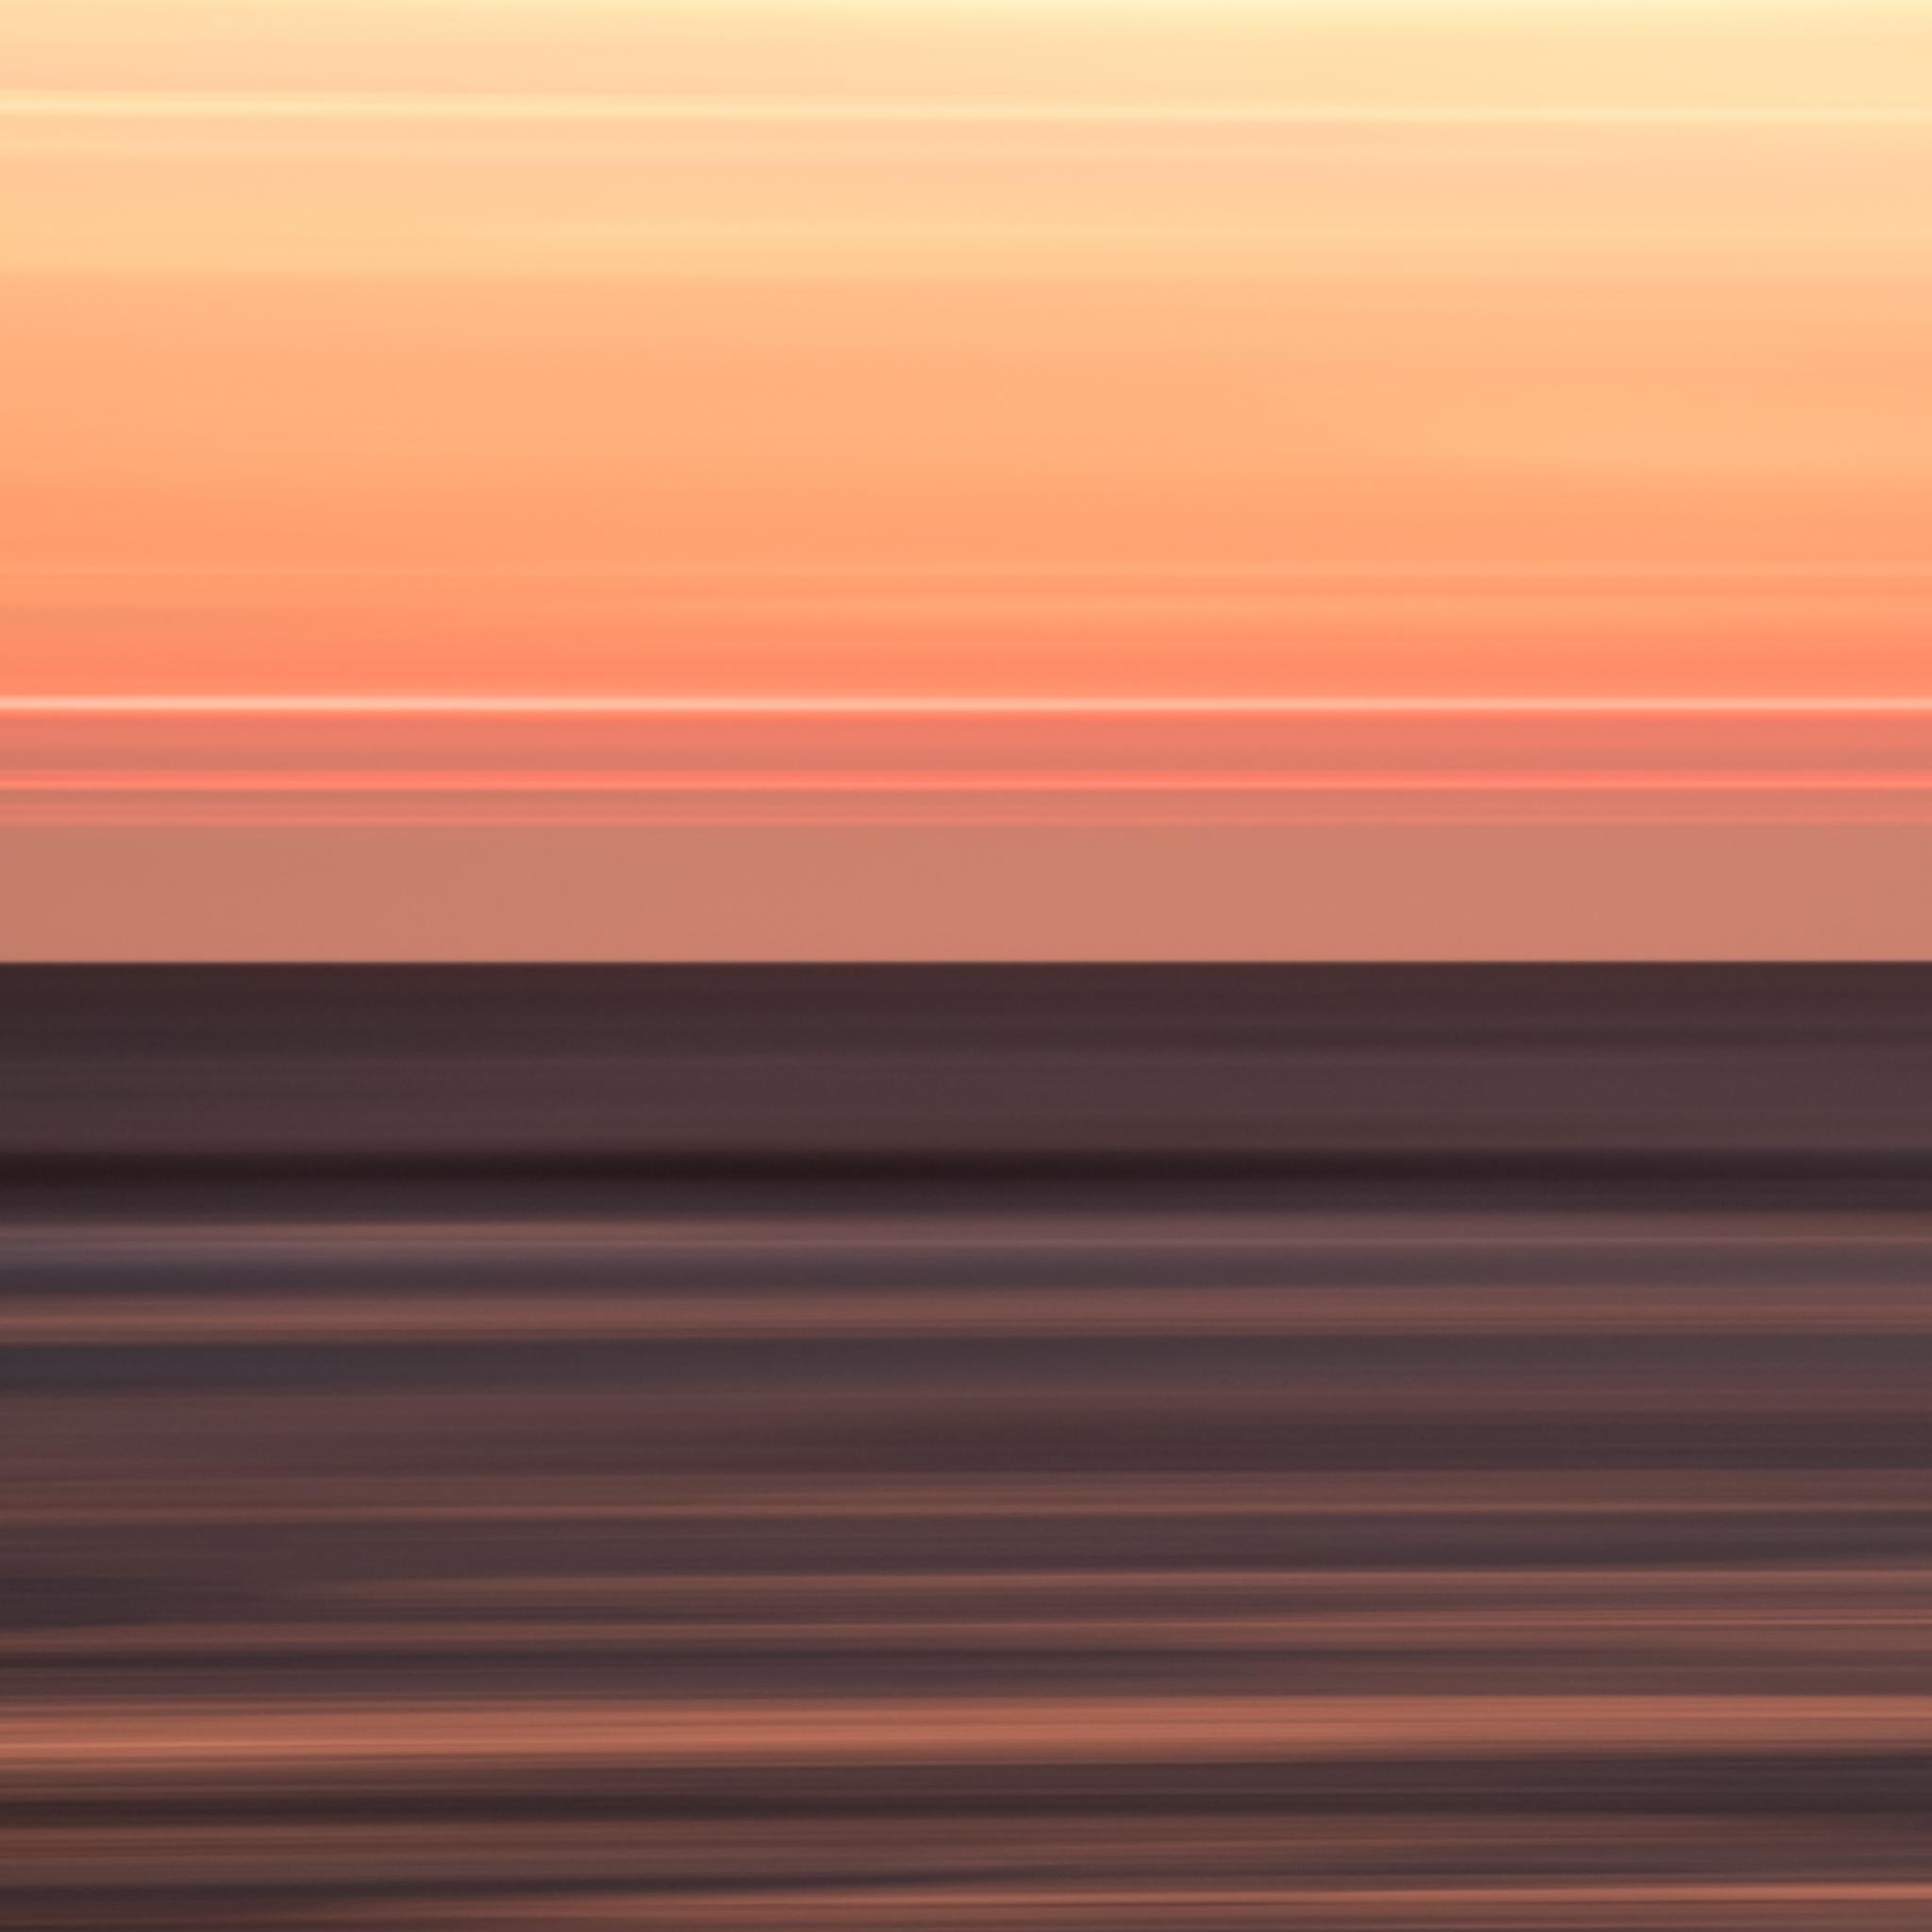 North Sea, Schoorl III, 2017